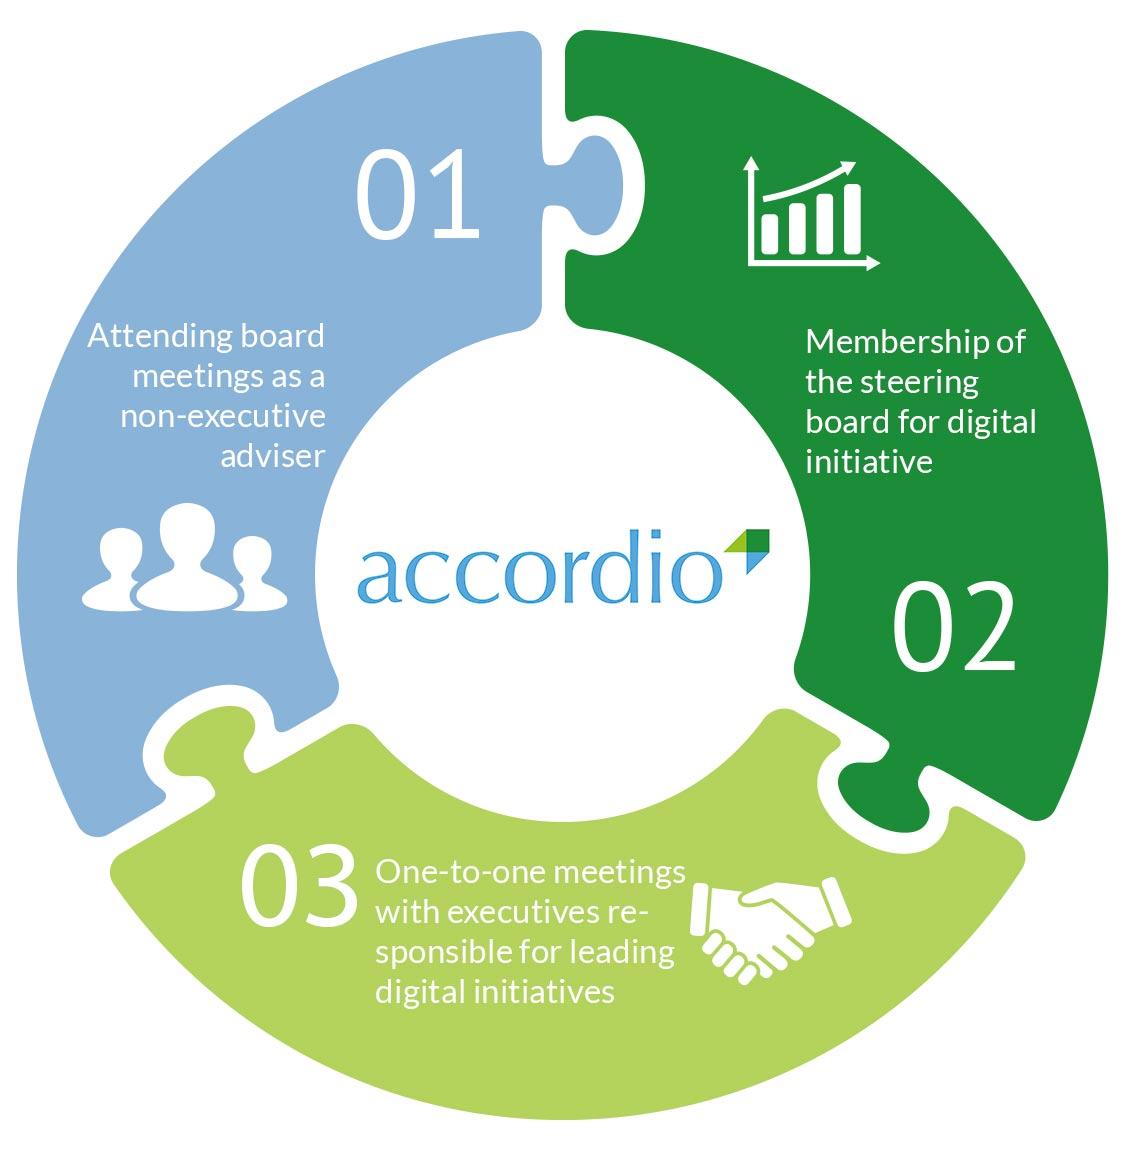 Accordio CIO Advisory How it Works graphic